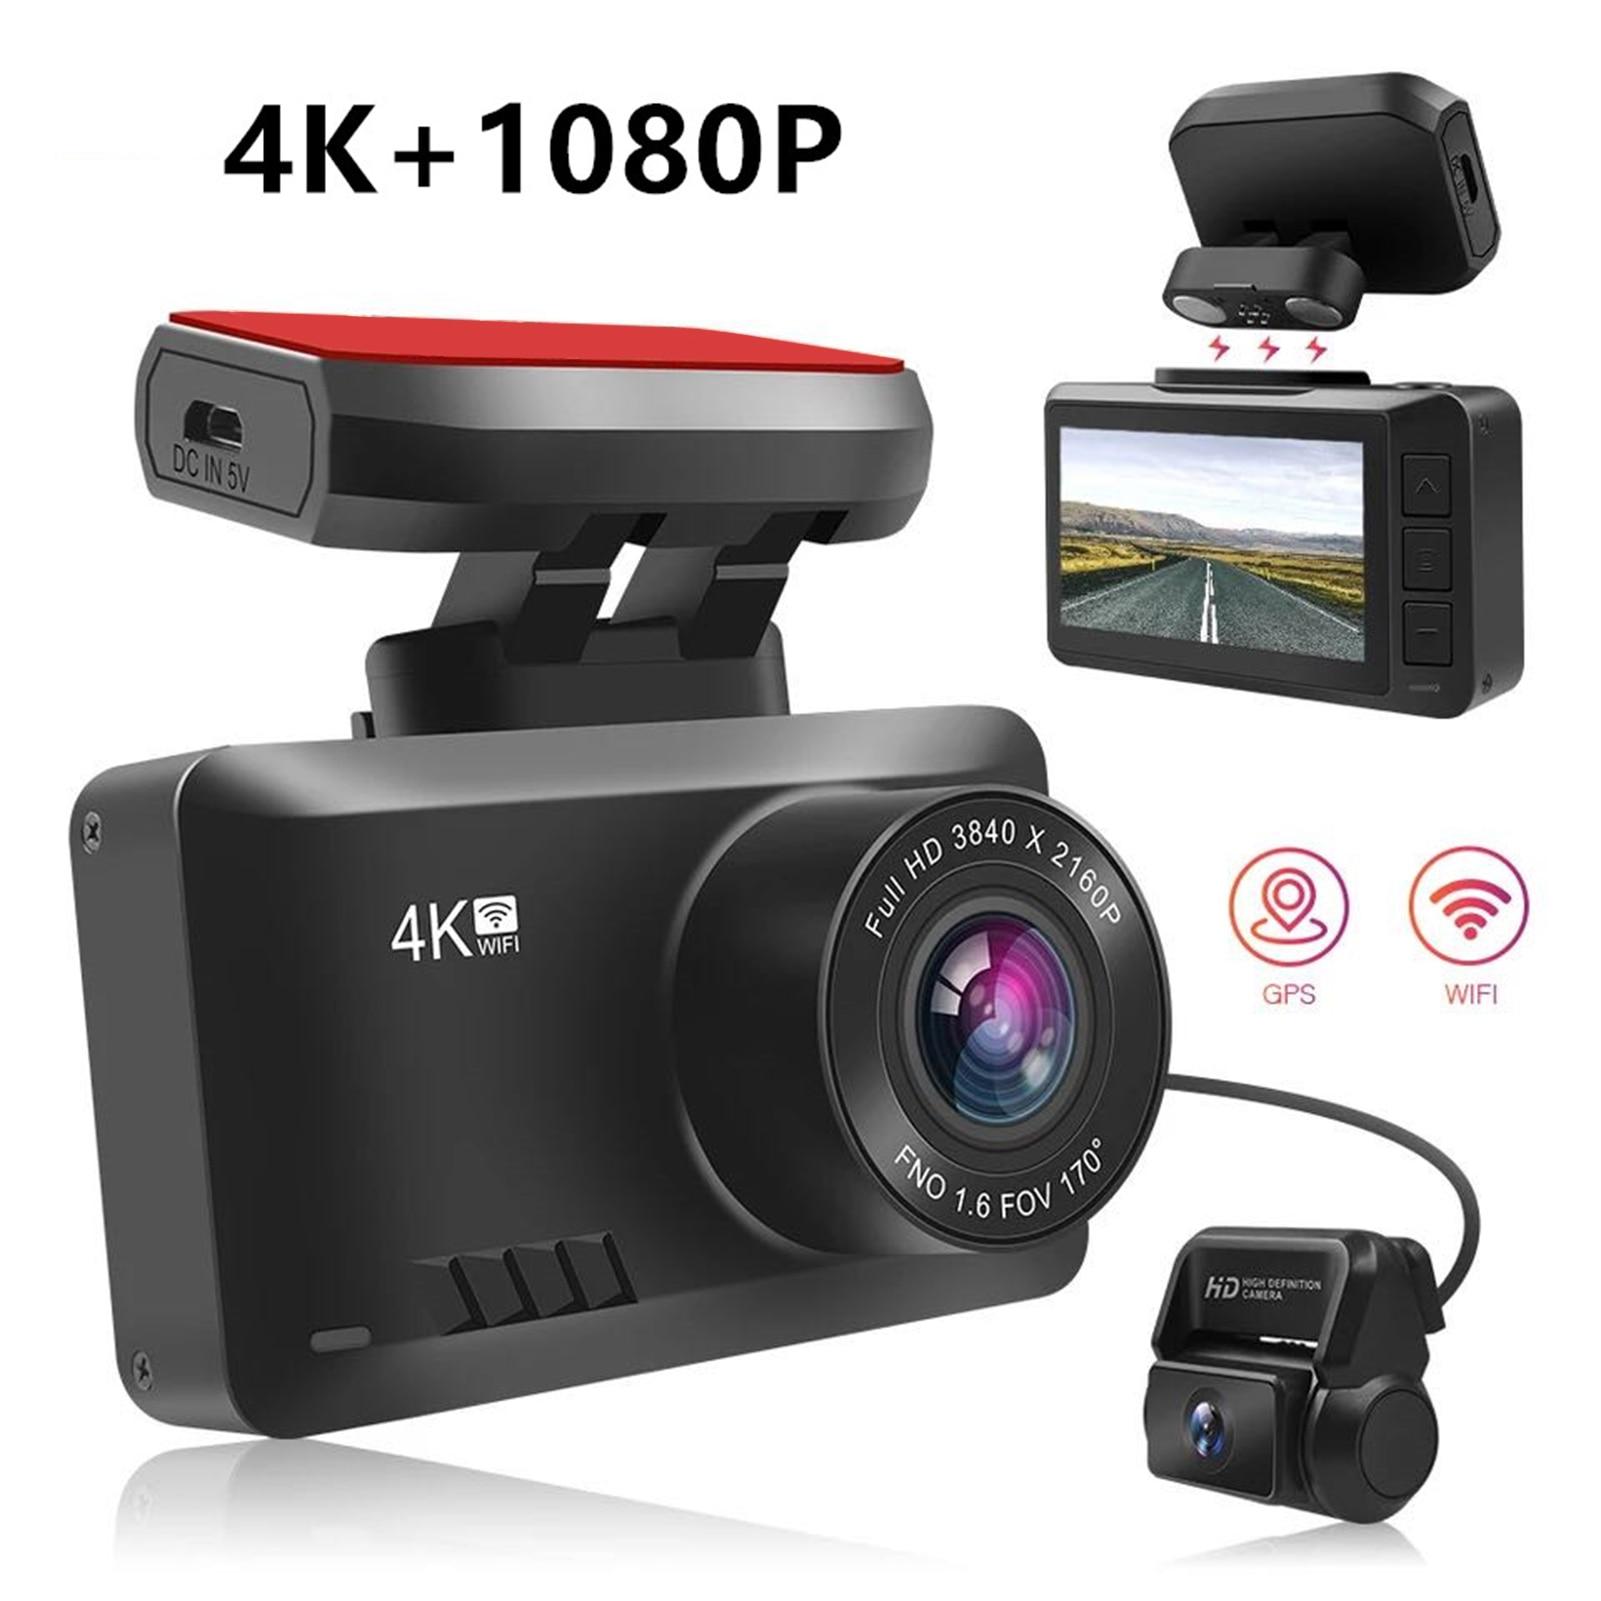 Grabadora de conducción oculta 4K, pantalla LCD de 2,4 pulgadas, visión nocturna transparente, Monitor de aparcamiento, DVR, WIFI, seguimiento GPS, tarjeta de memoria de 128G, cámara de salpicadero